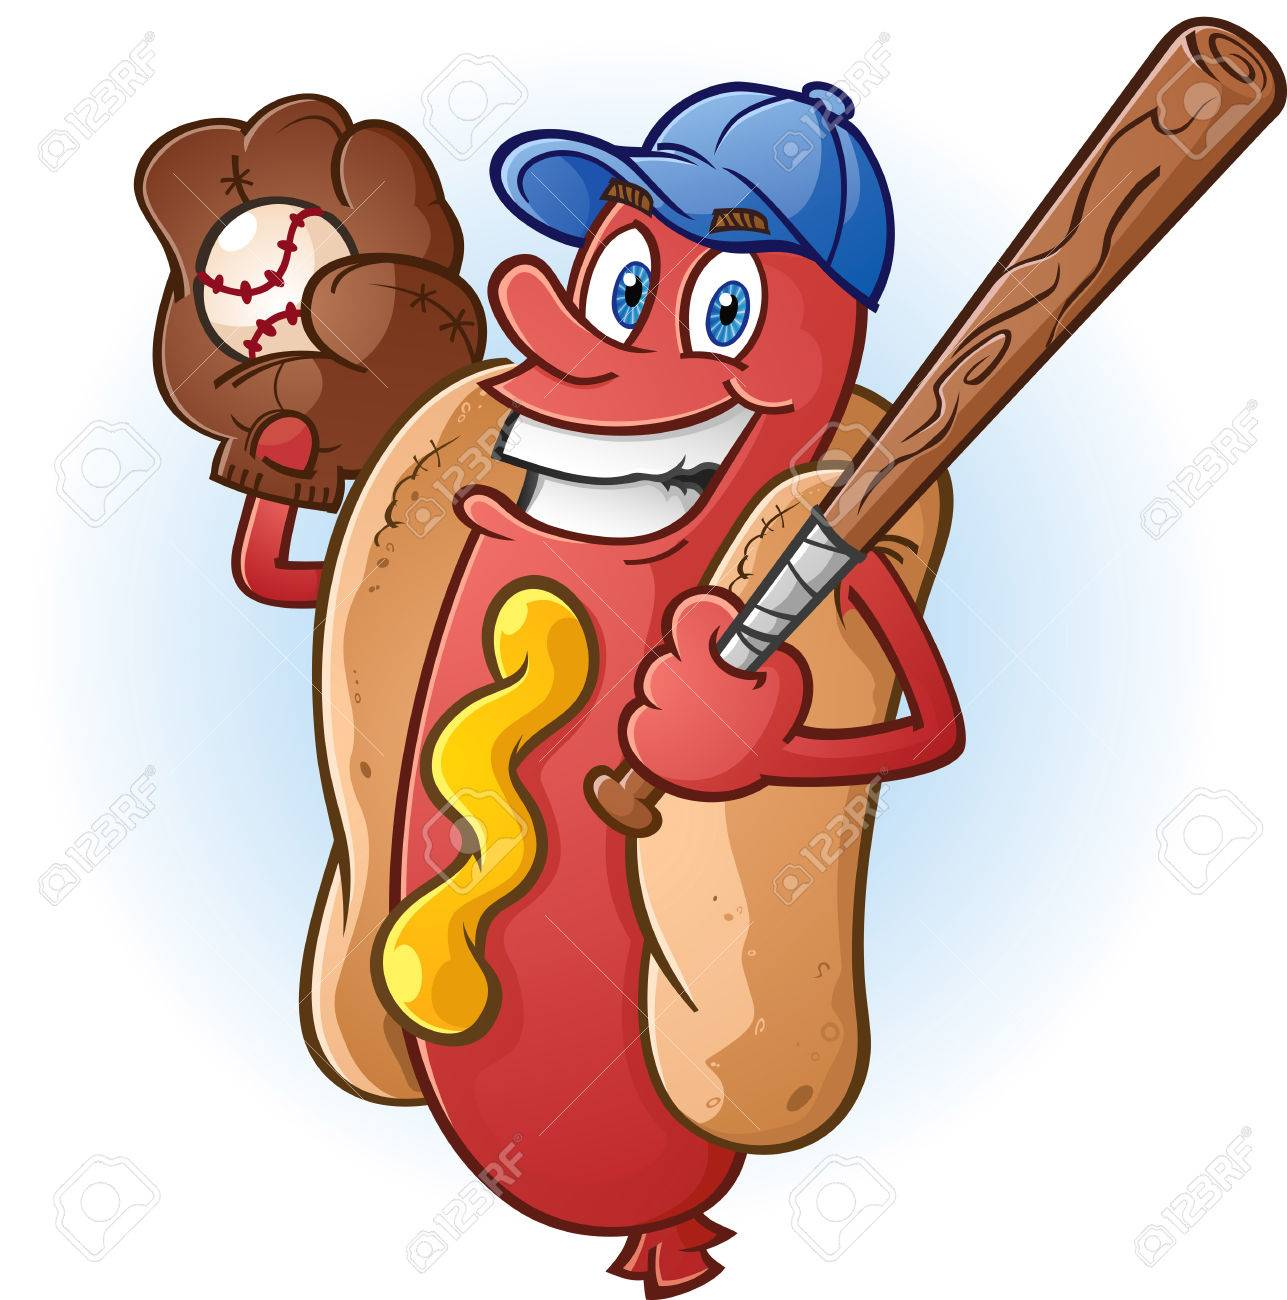 Hot Dog Cartoon Character Playing Baseball Stock Vector - 24194766